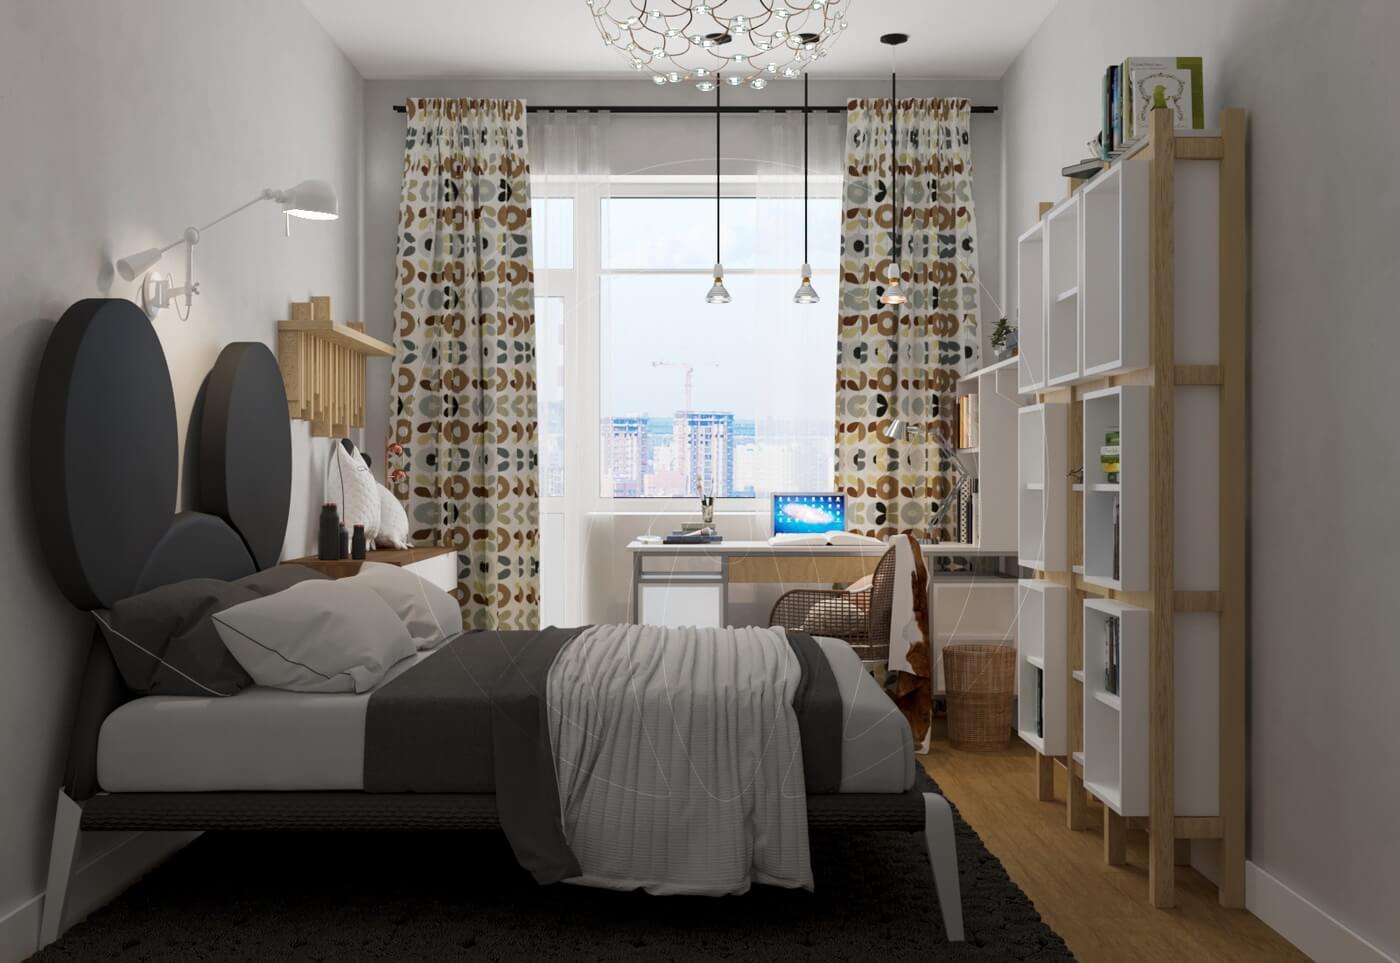 Квартира в скандинавском стиле и стиле LOFT. Детская комната в стиле LOFT и скандинавский стиль